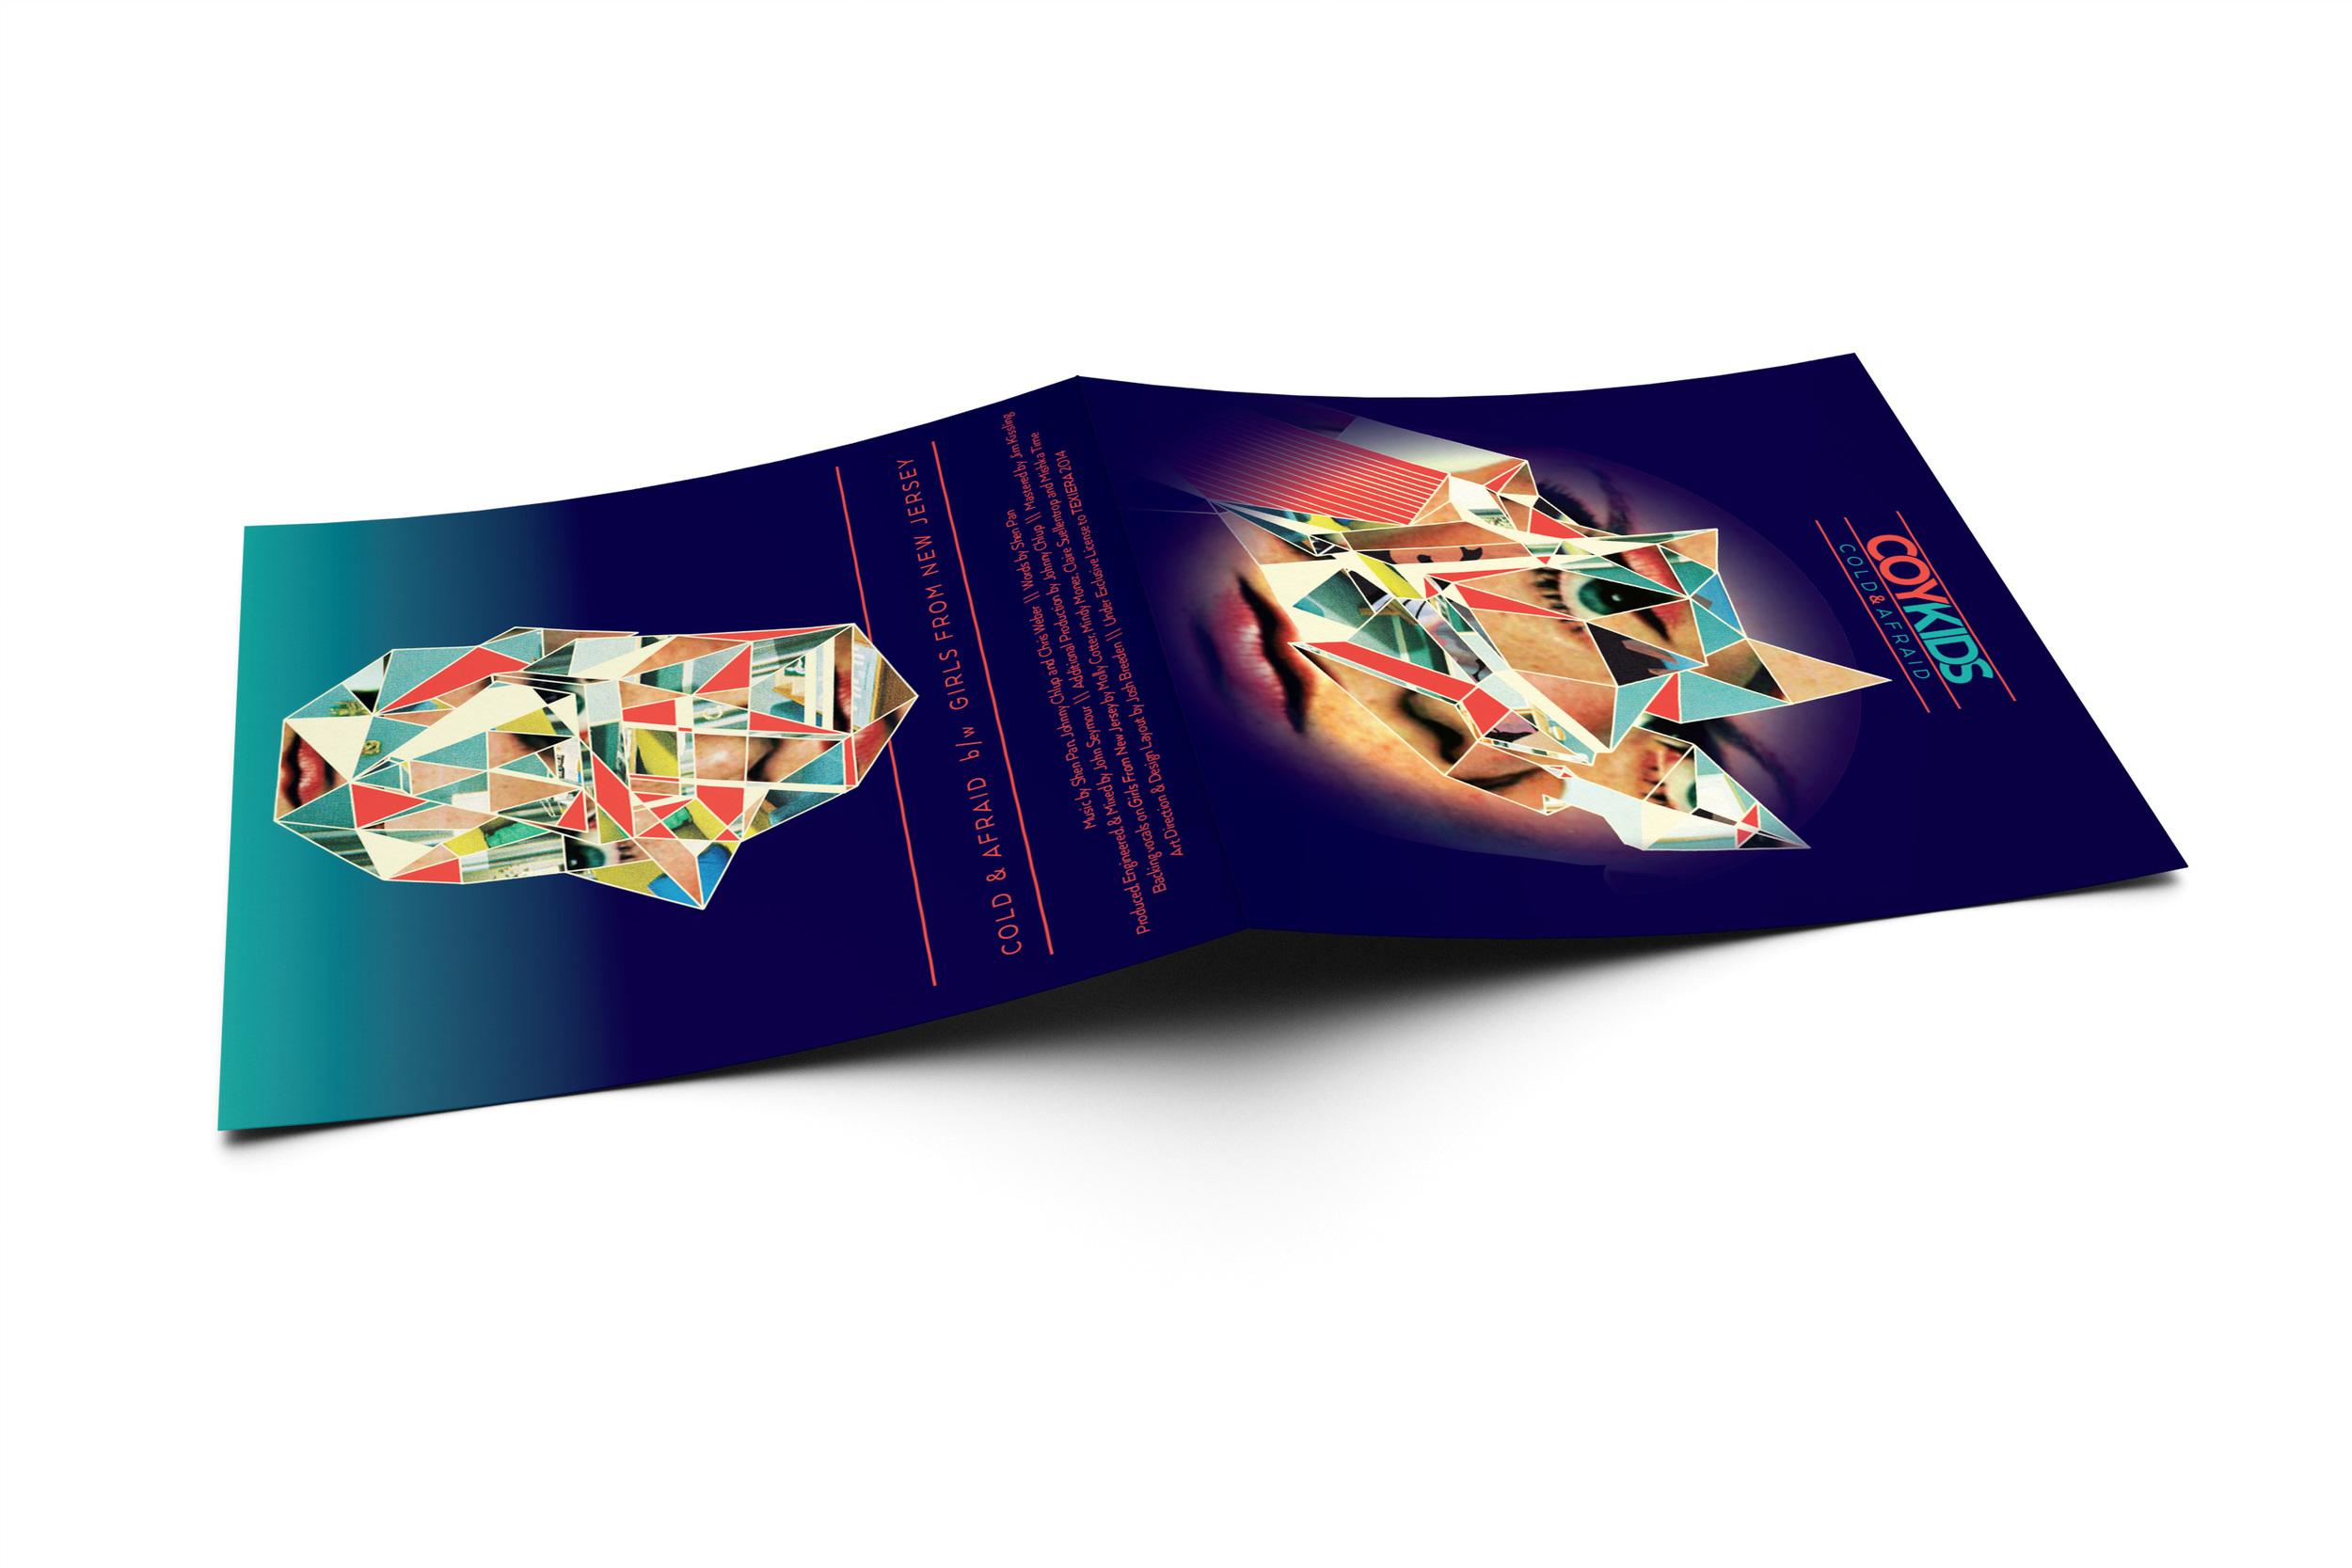 Coy-Kids_7inch_Bi-Fold-Brochure-Mockup.jpg